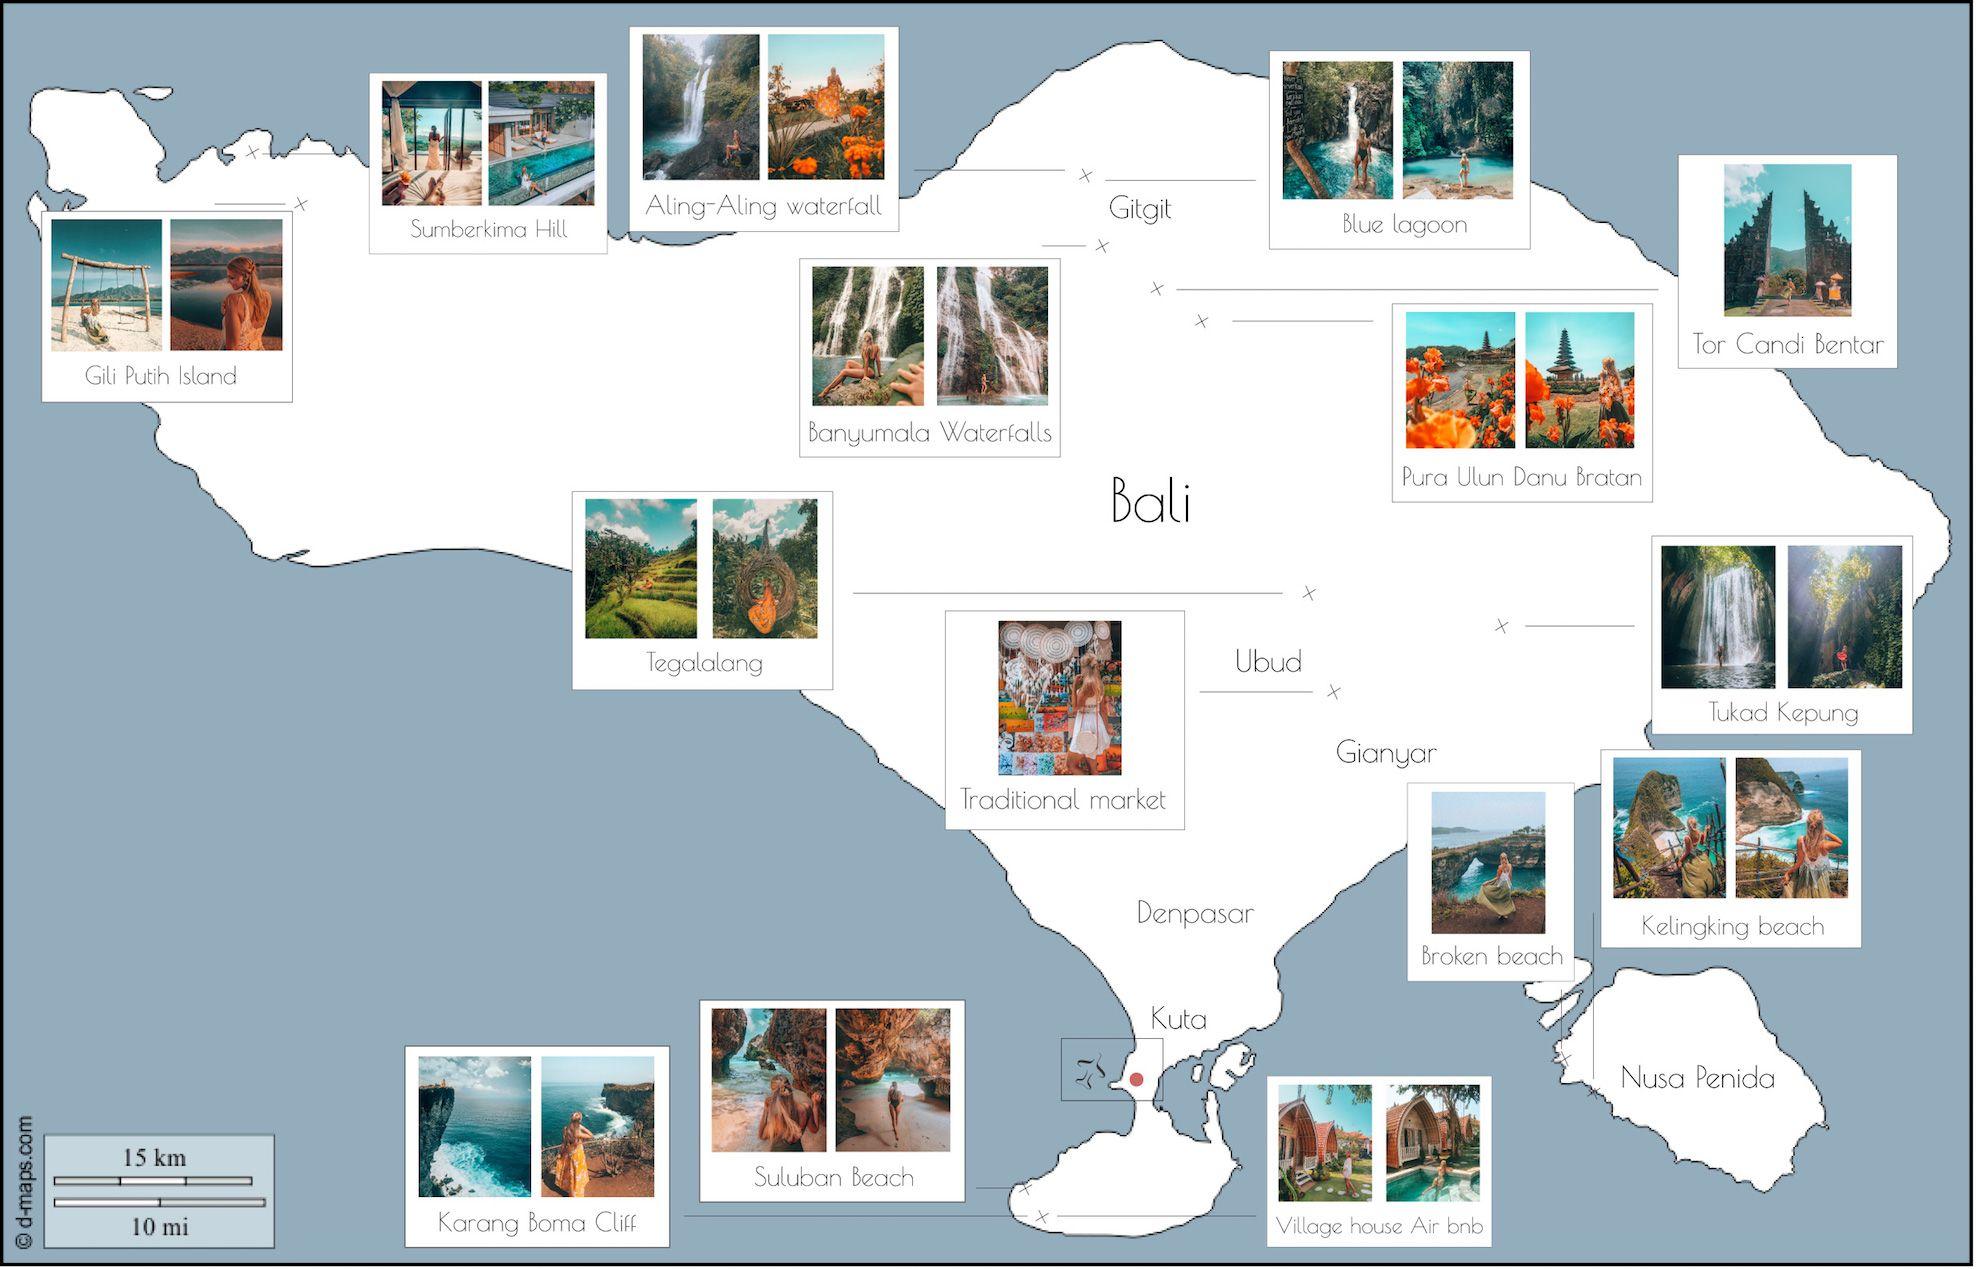 Rundreise Bali Sehenswurdigkeiten Bali Karte Rundreise Bali Rundreise Bali Reisen